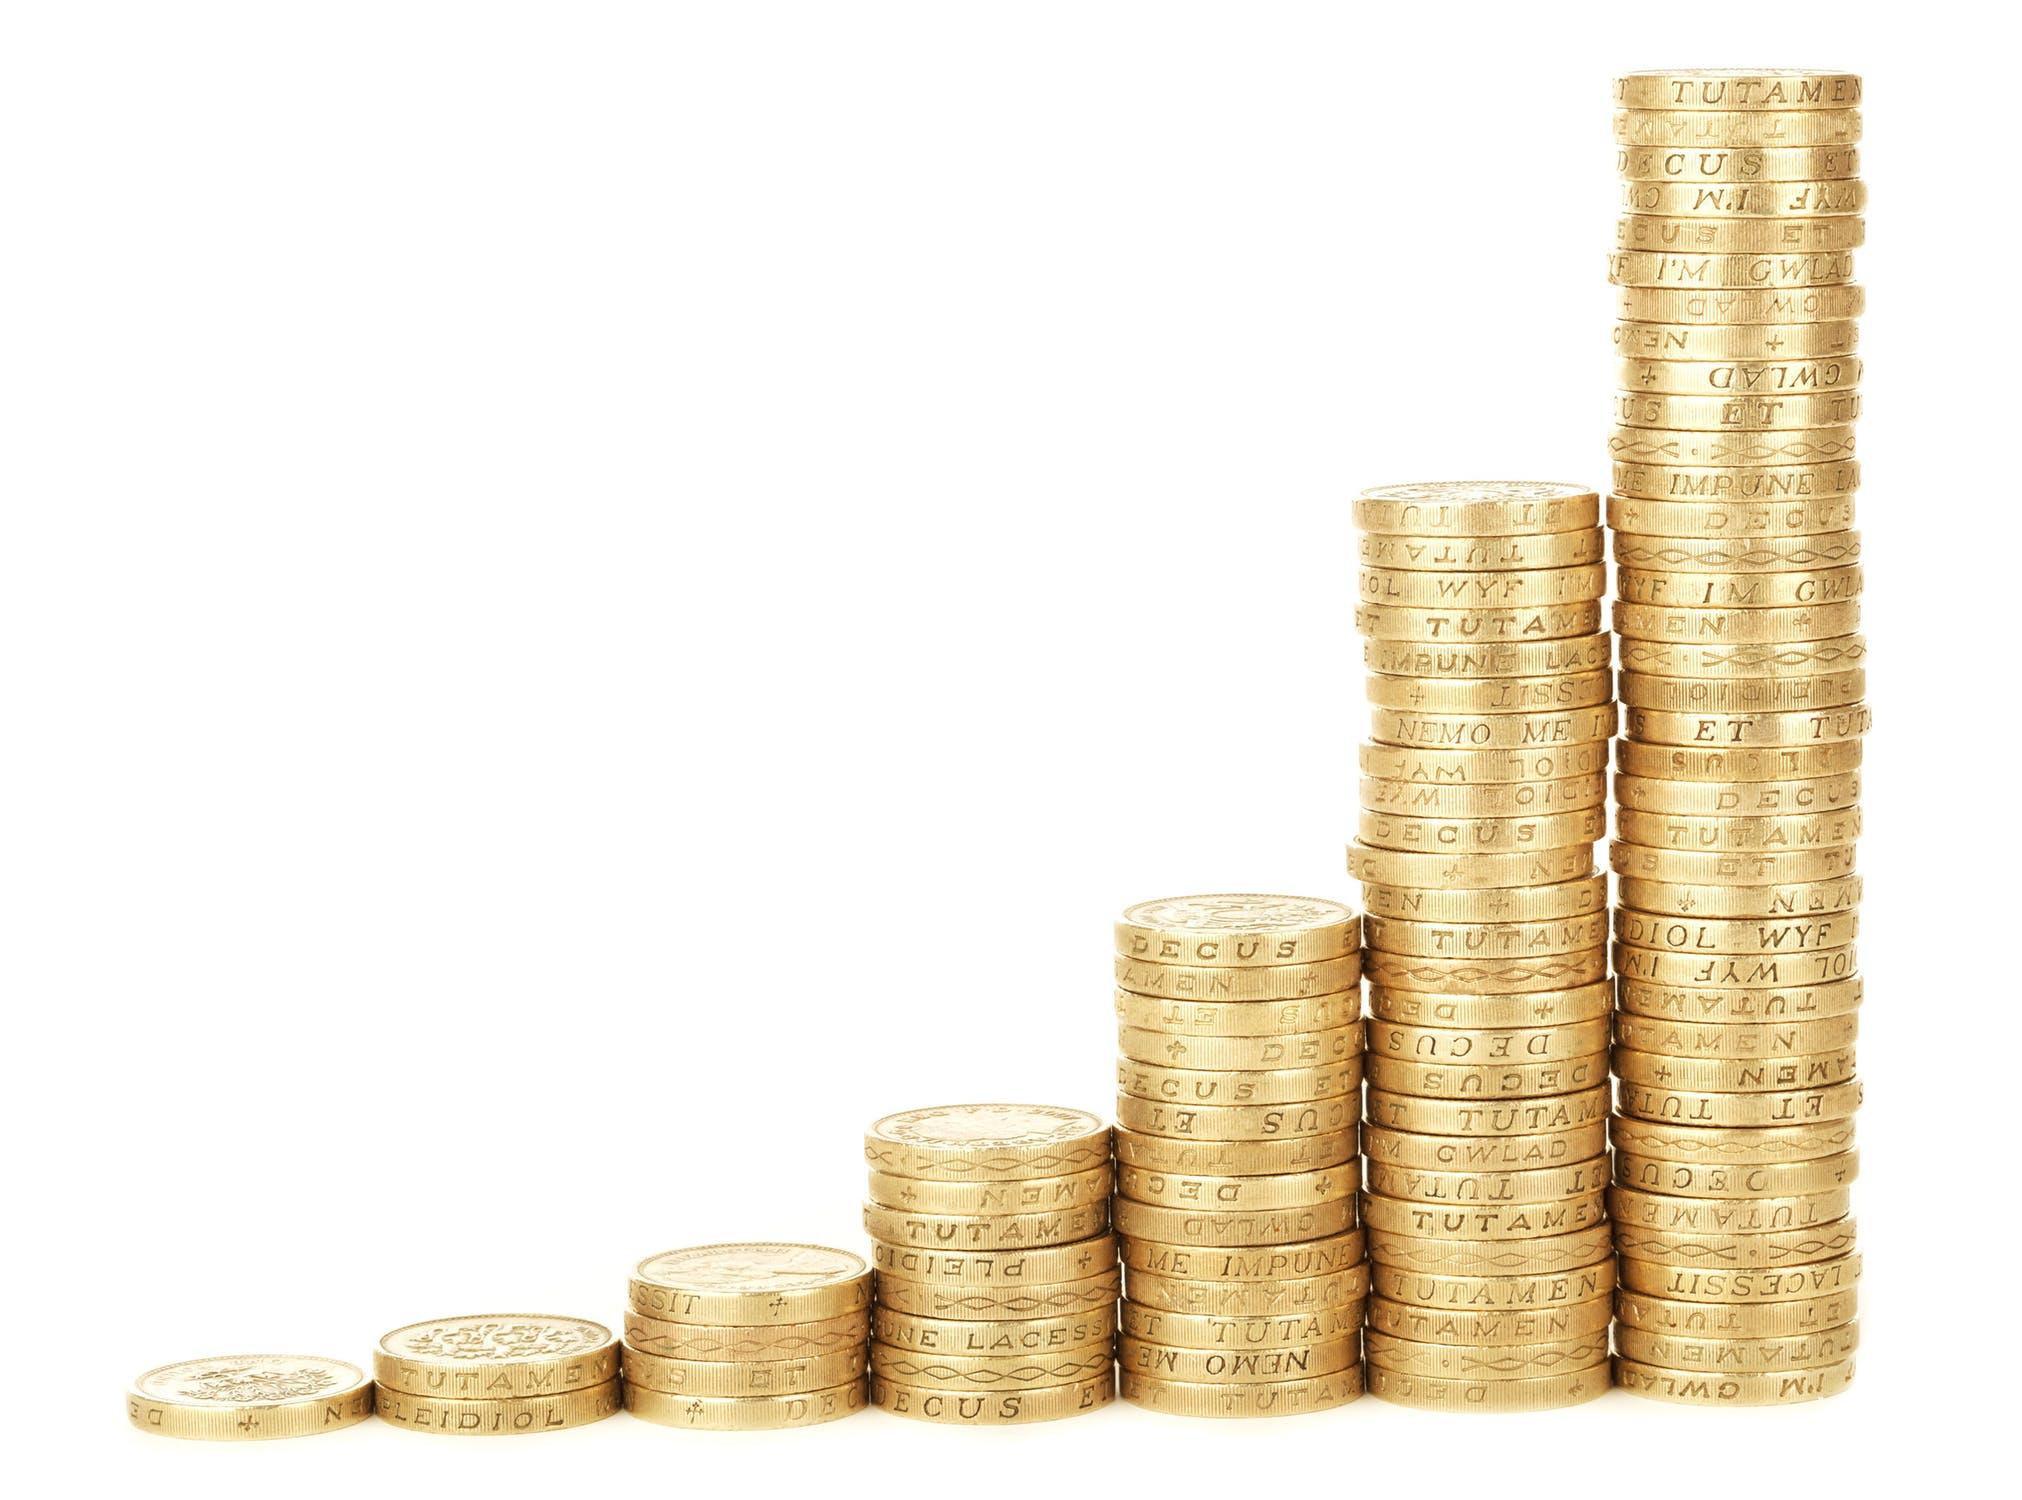 コンポジターの給料・年収